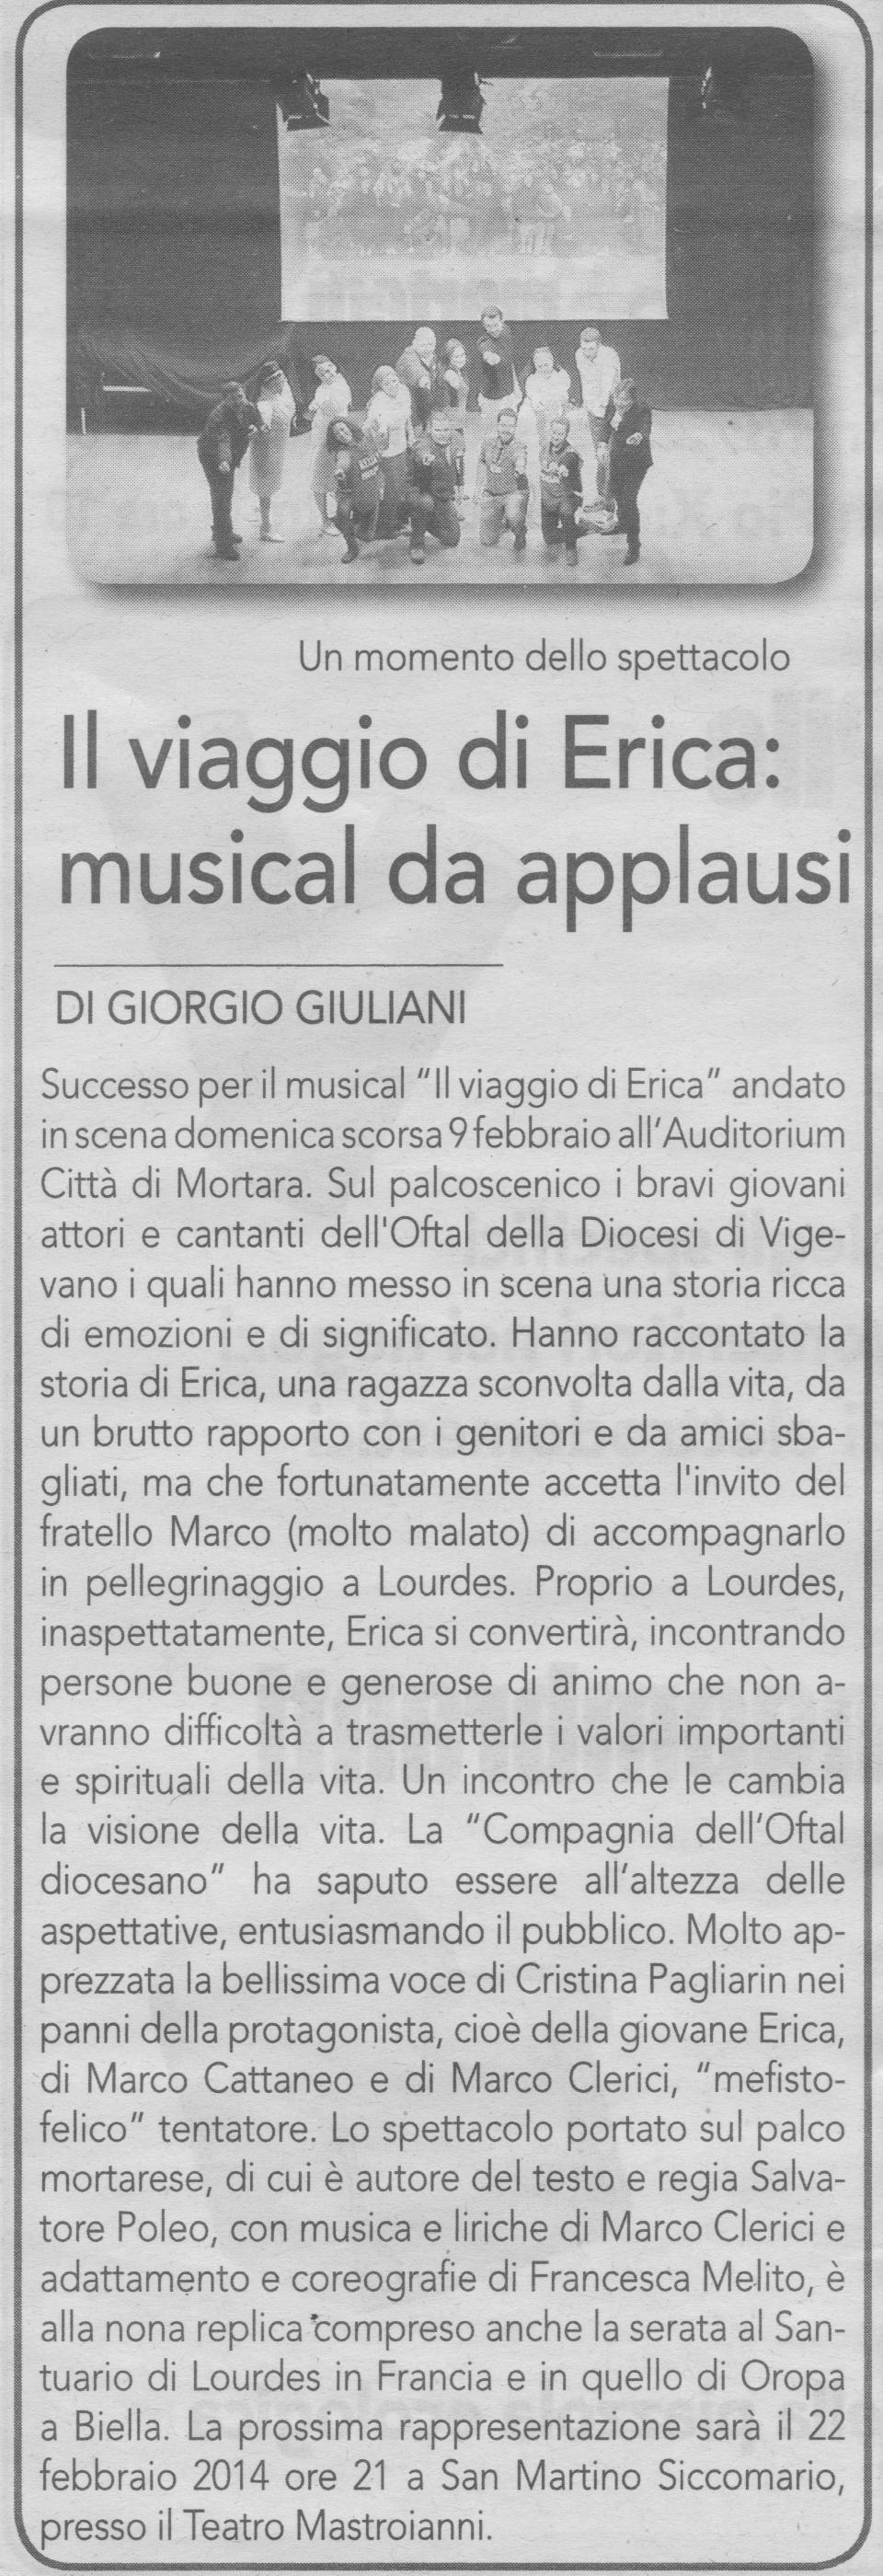 Il Viaggio di Erica a Mortara (Auditorium)